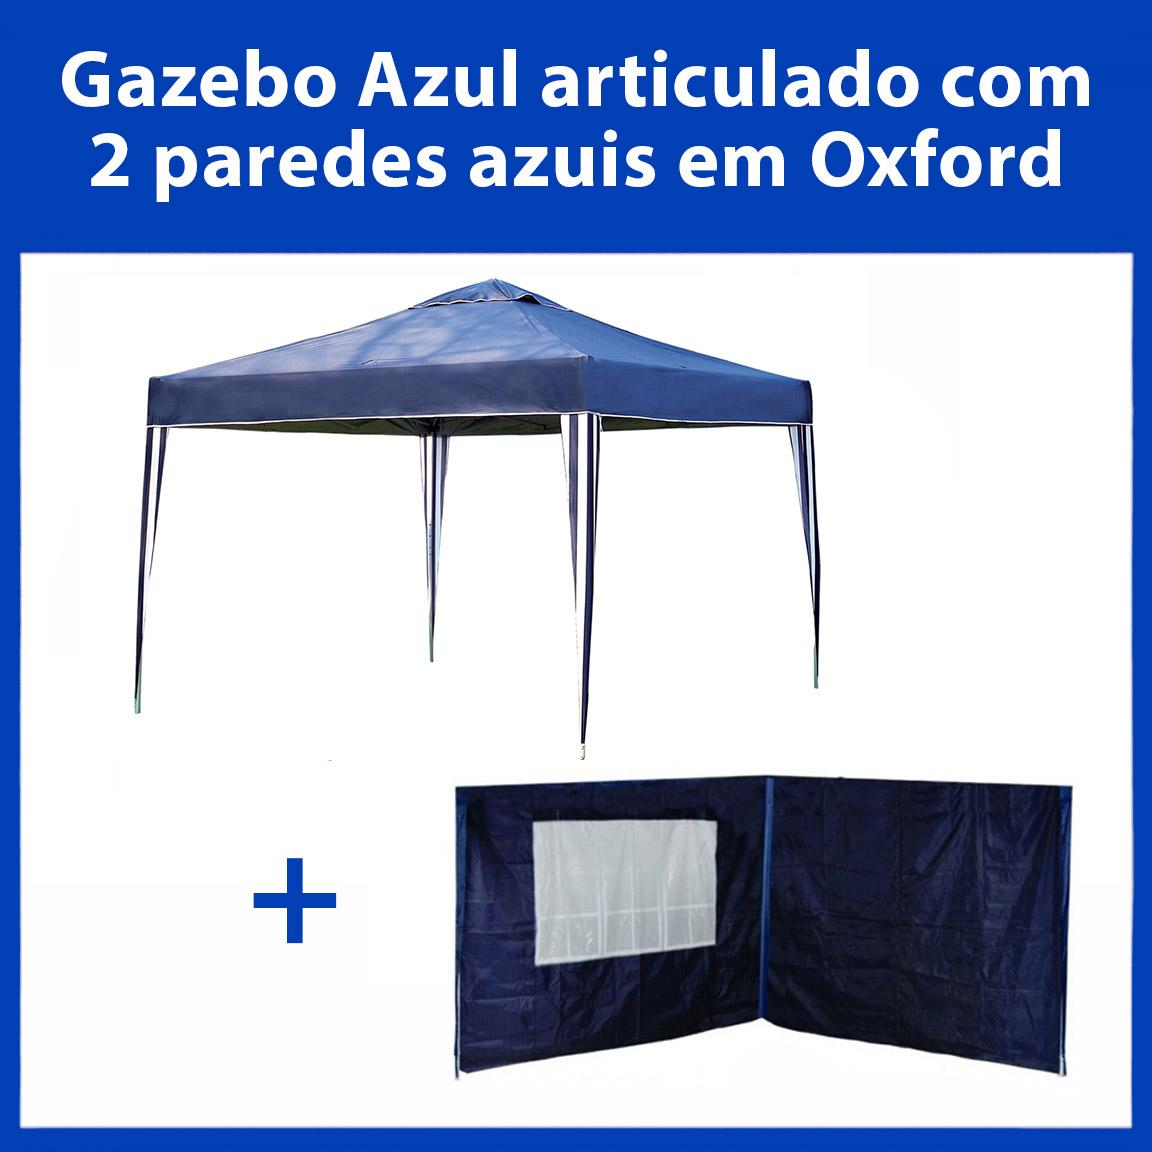 Gazebo 3x3 Articulado Azul em Aço + 2 Paredes Azuis de Oxford Eleva Mundi